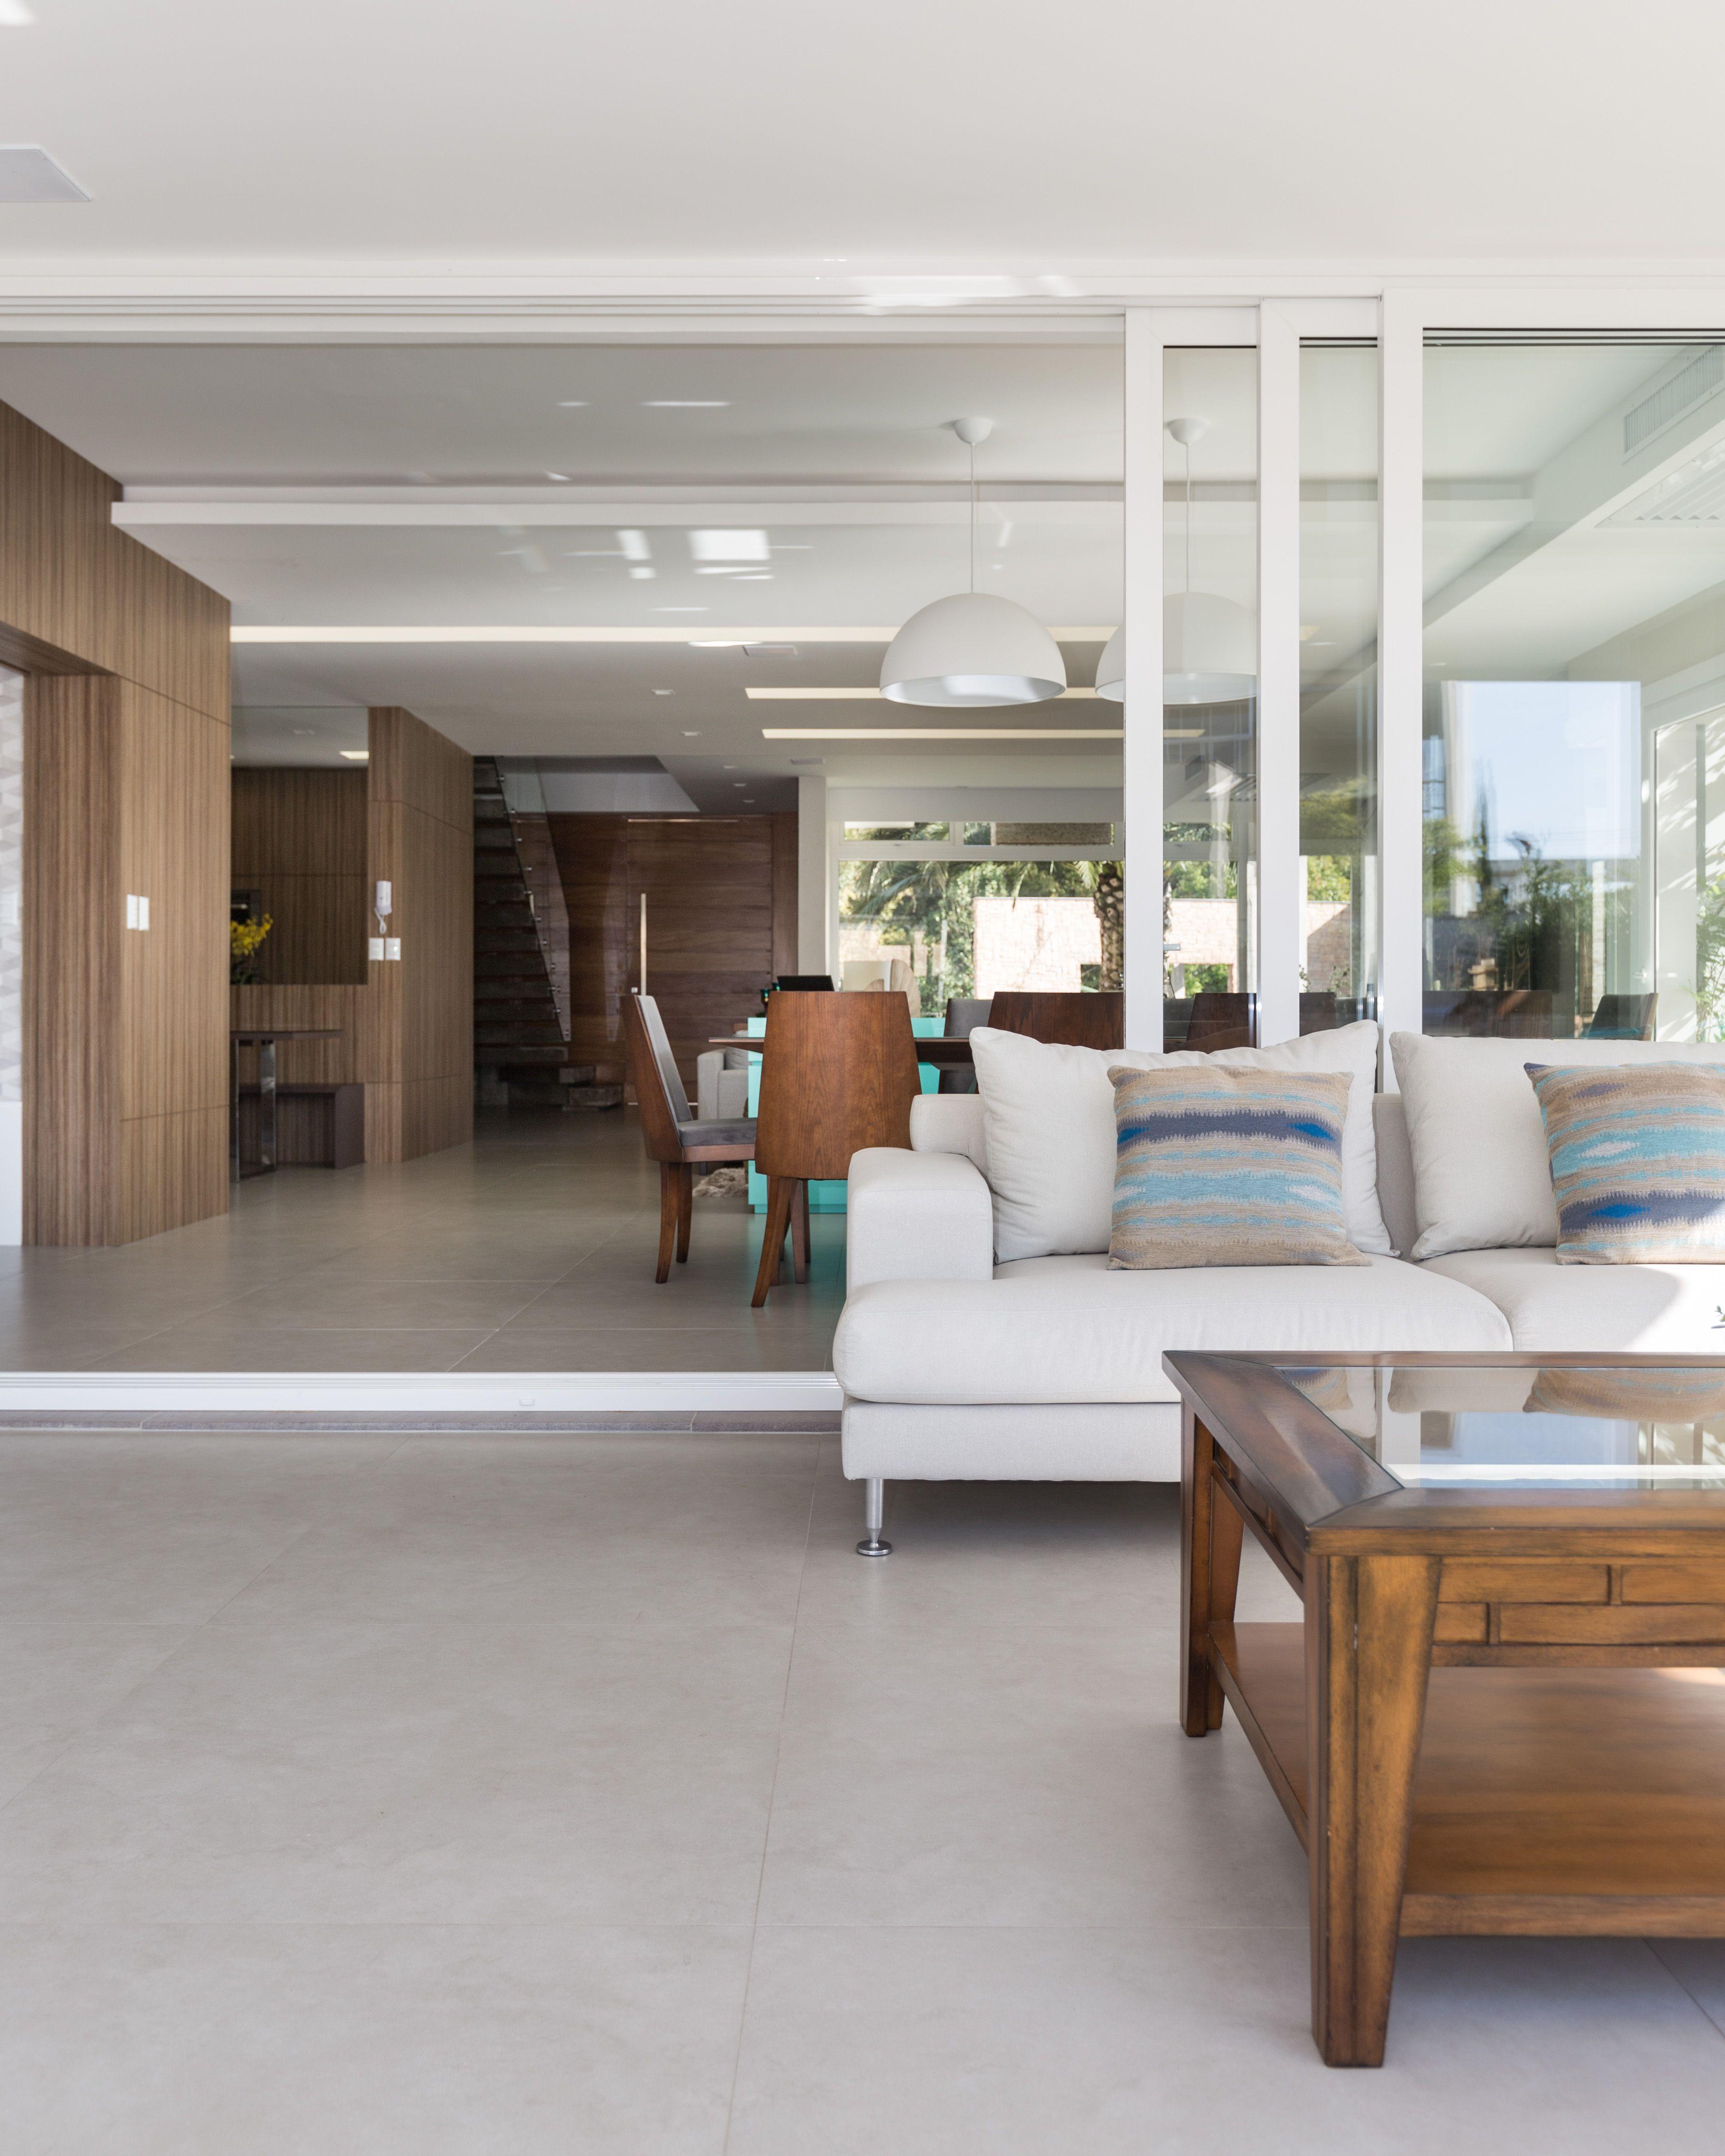 Espa Ogourmet Eames Wood Espa O Gourmet Glass Vidro Cadeira